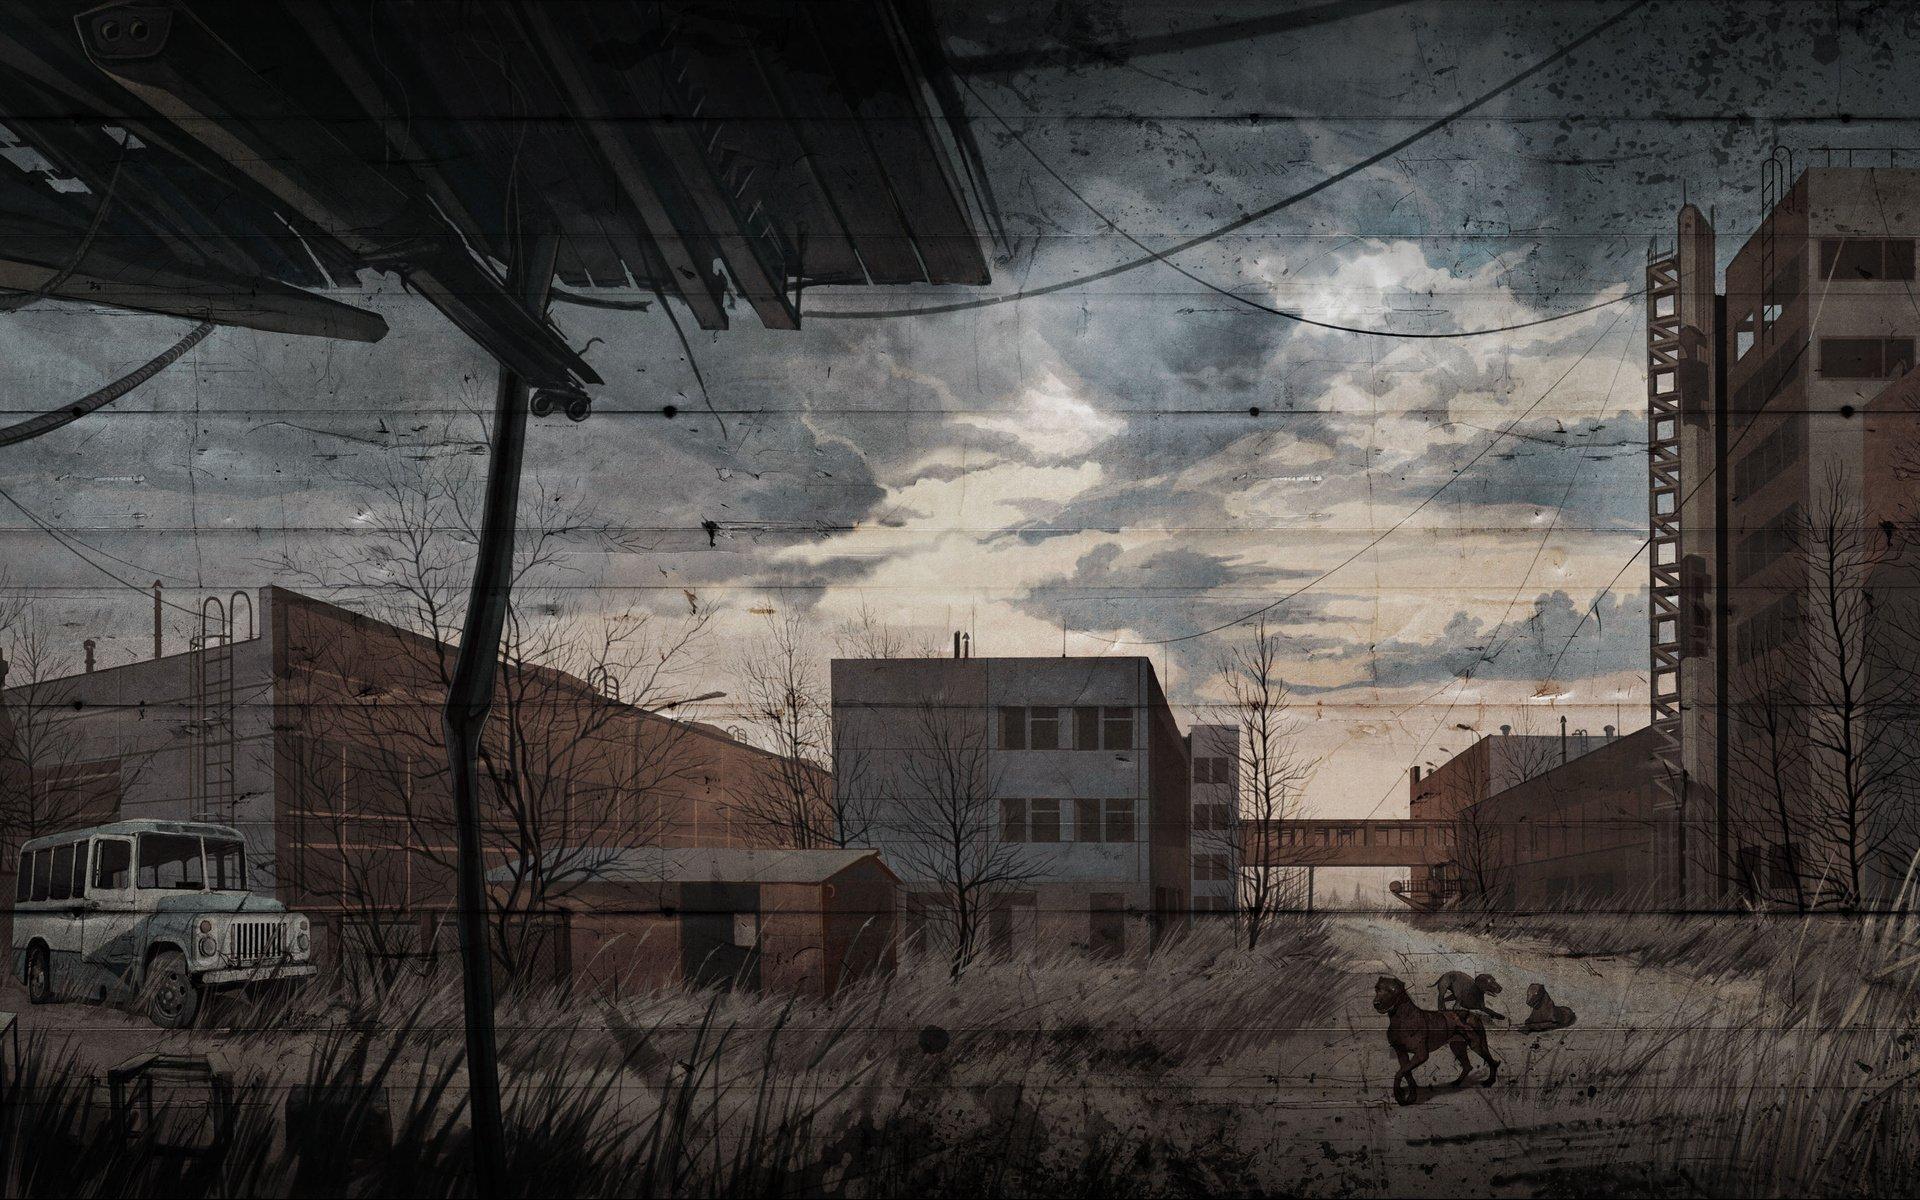 S.T.A.L.K.E.R. HD Wallpaper | Background Image | 1920x1200 ...